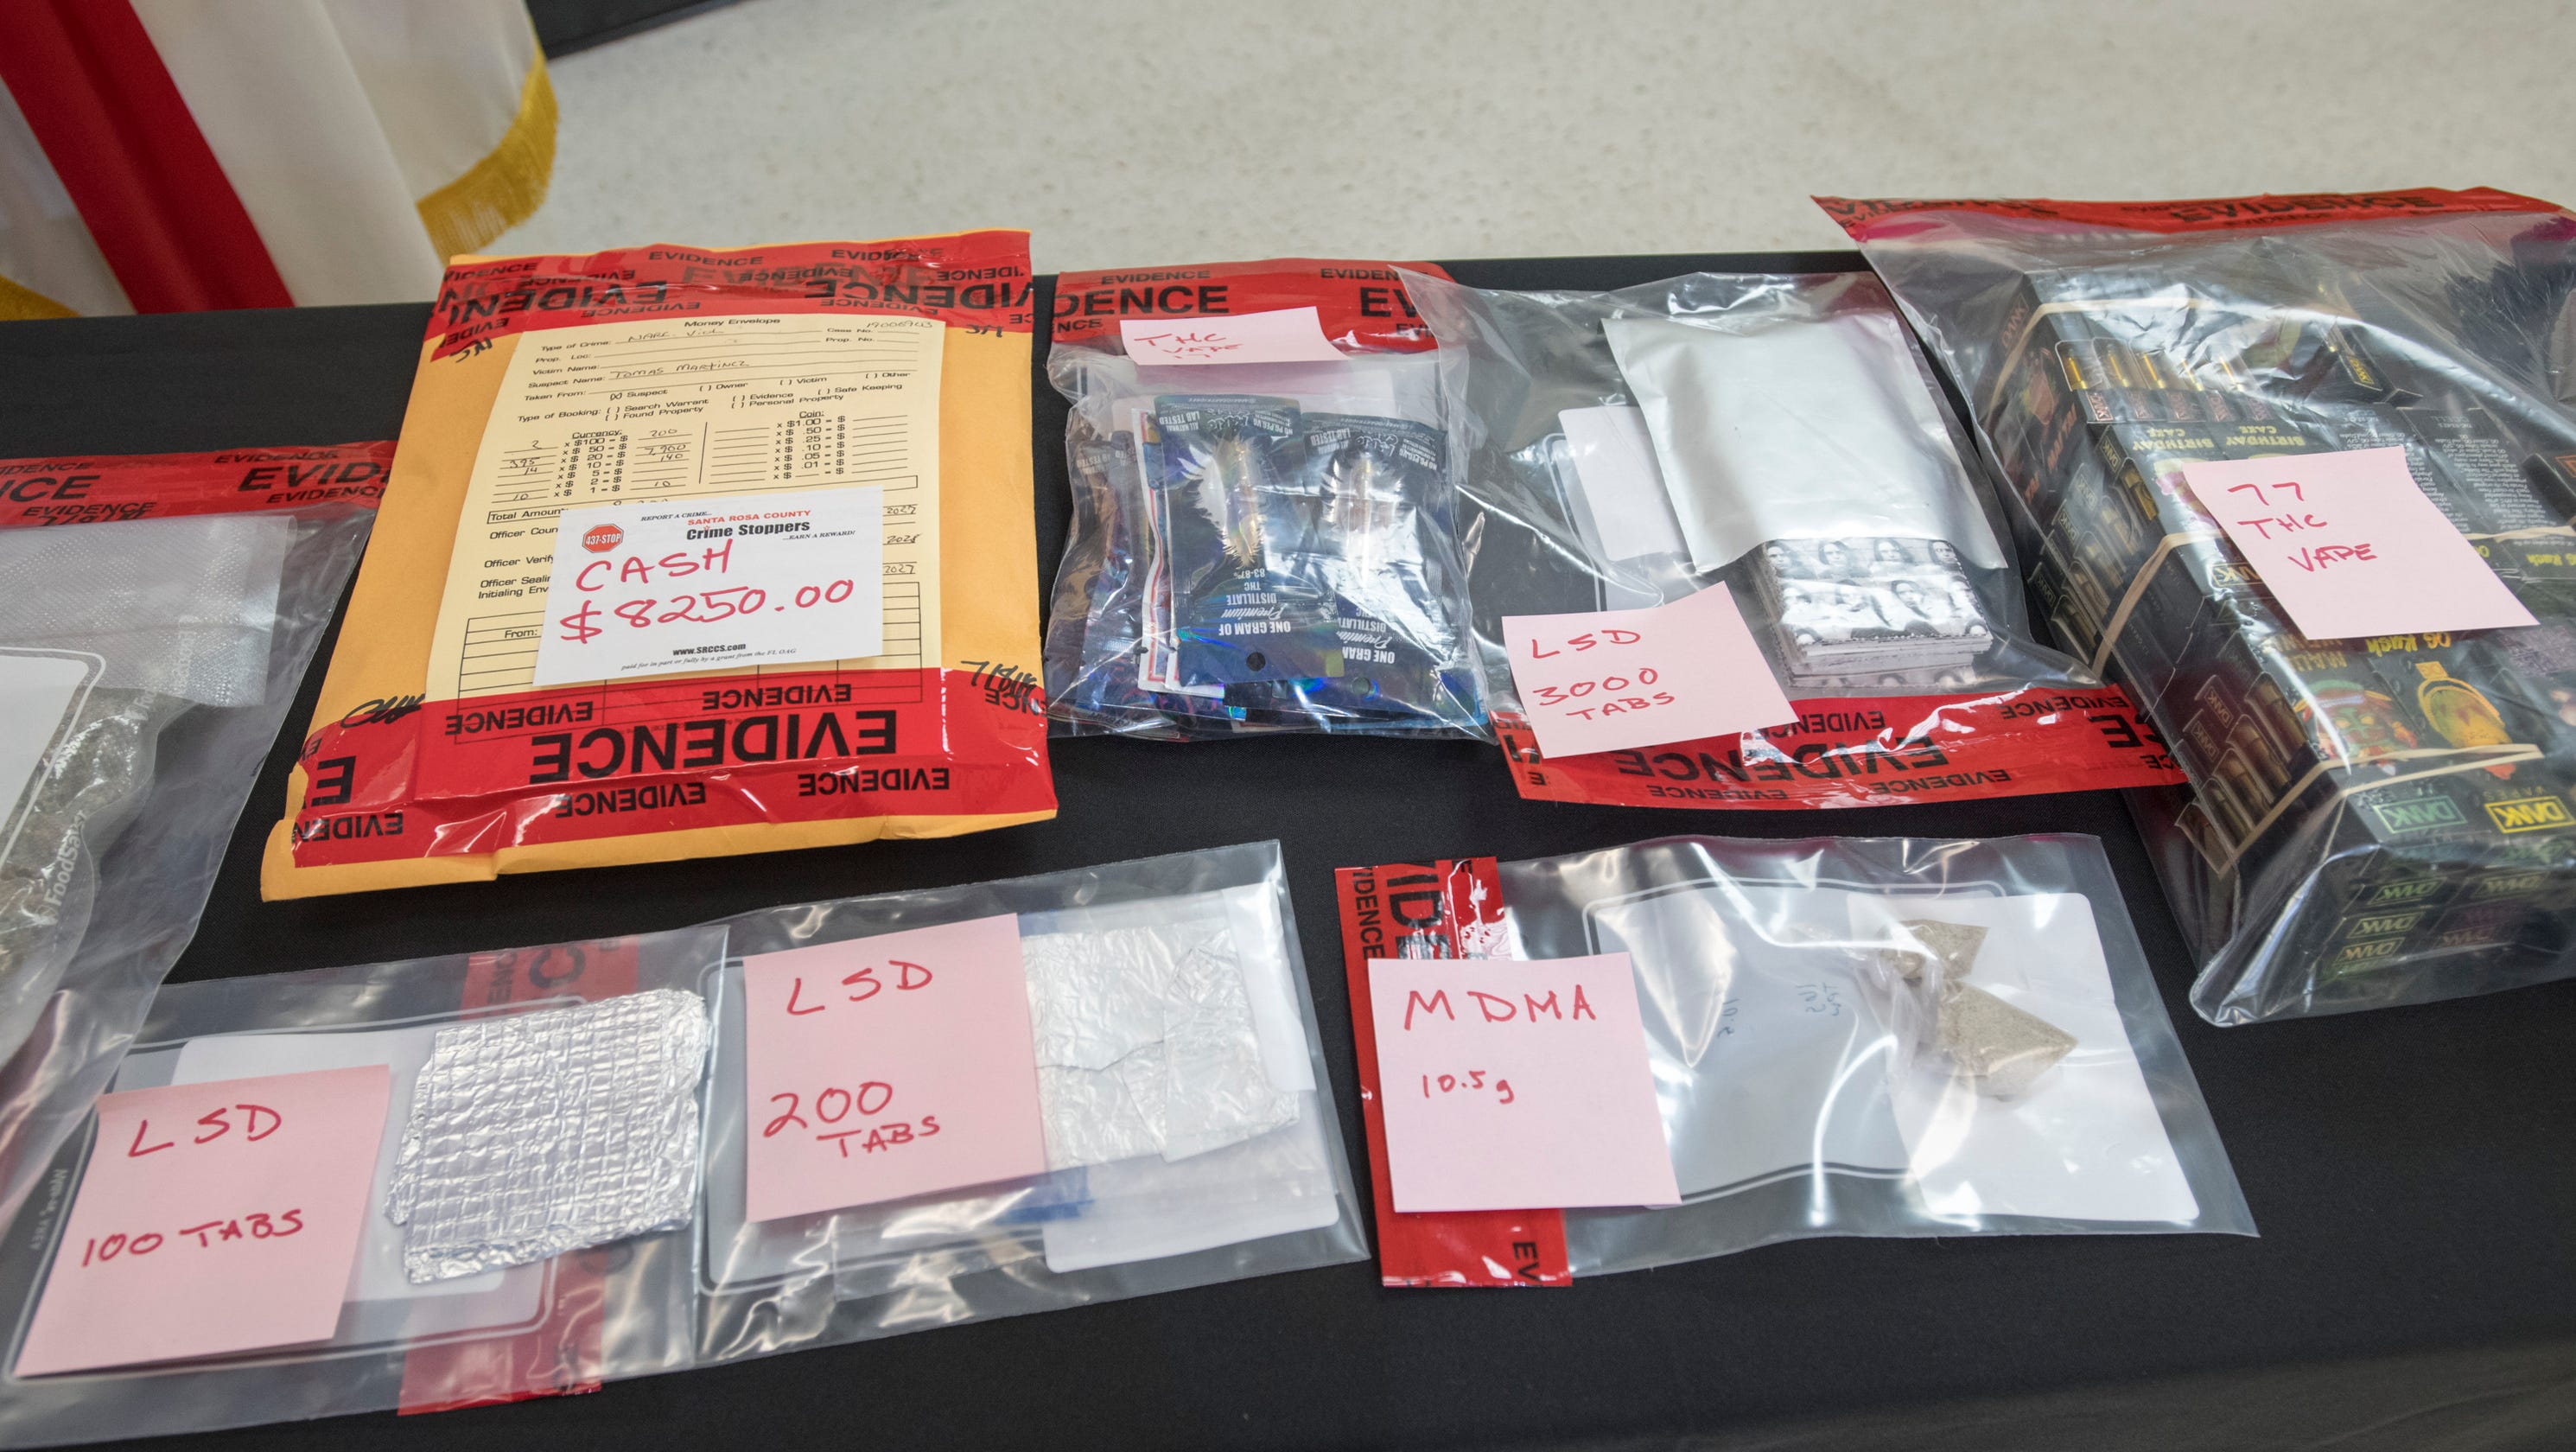 Pensacola men arrested in $40,000 drug bust that included 3,300 tabs